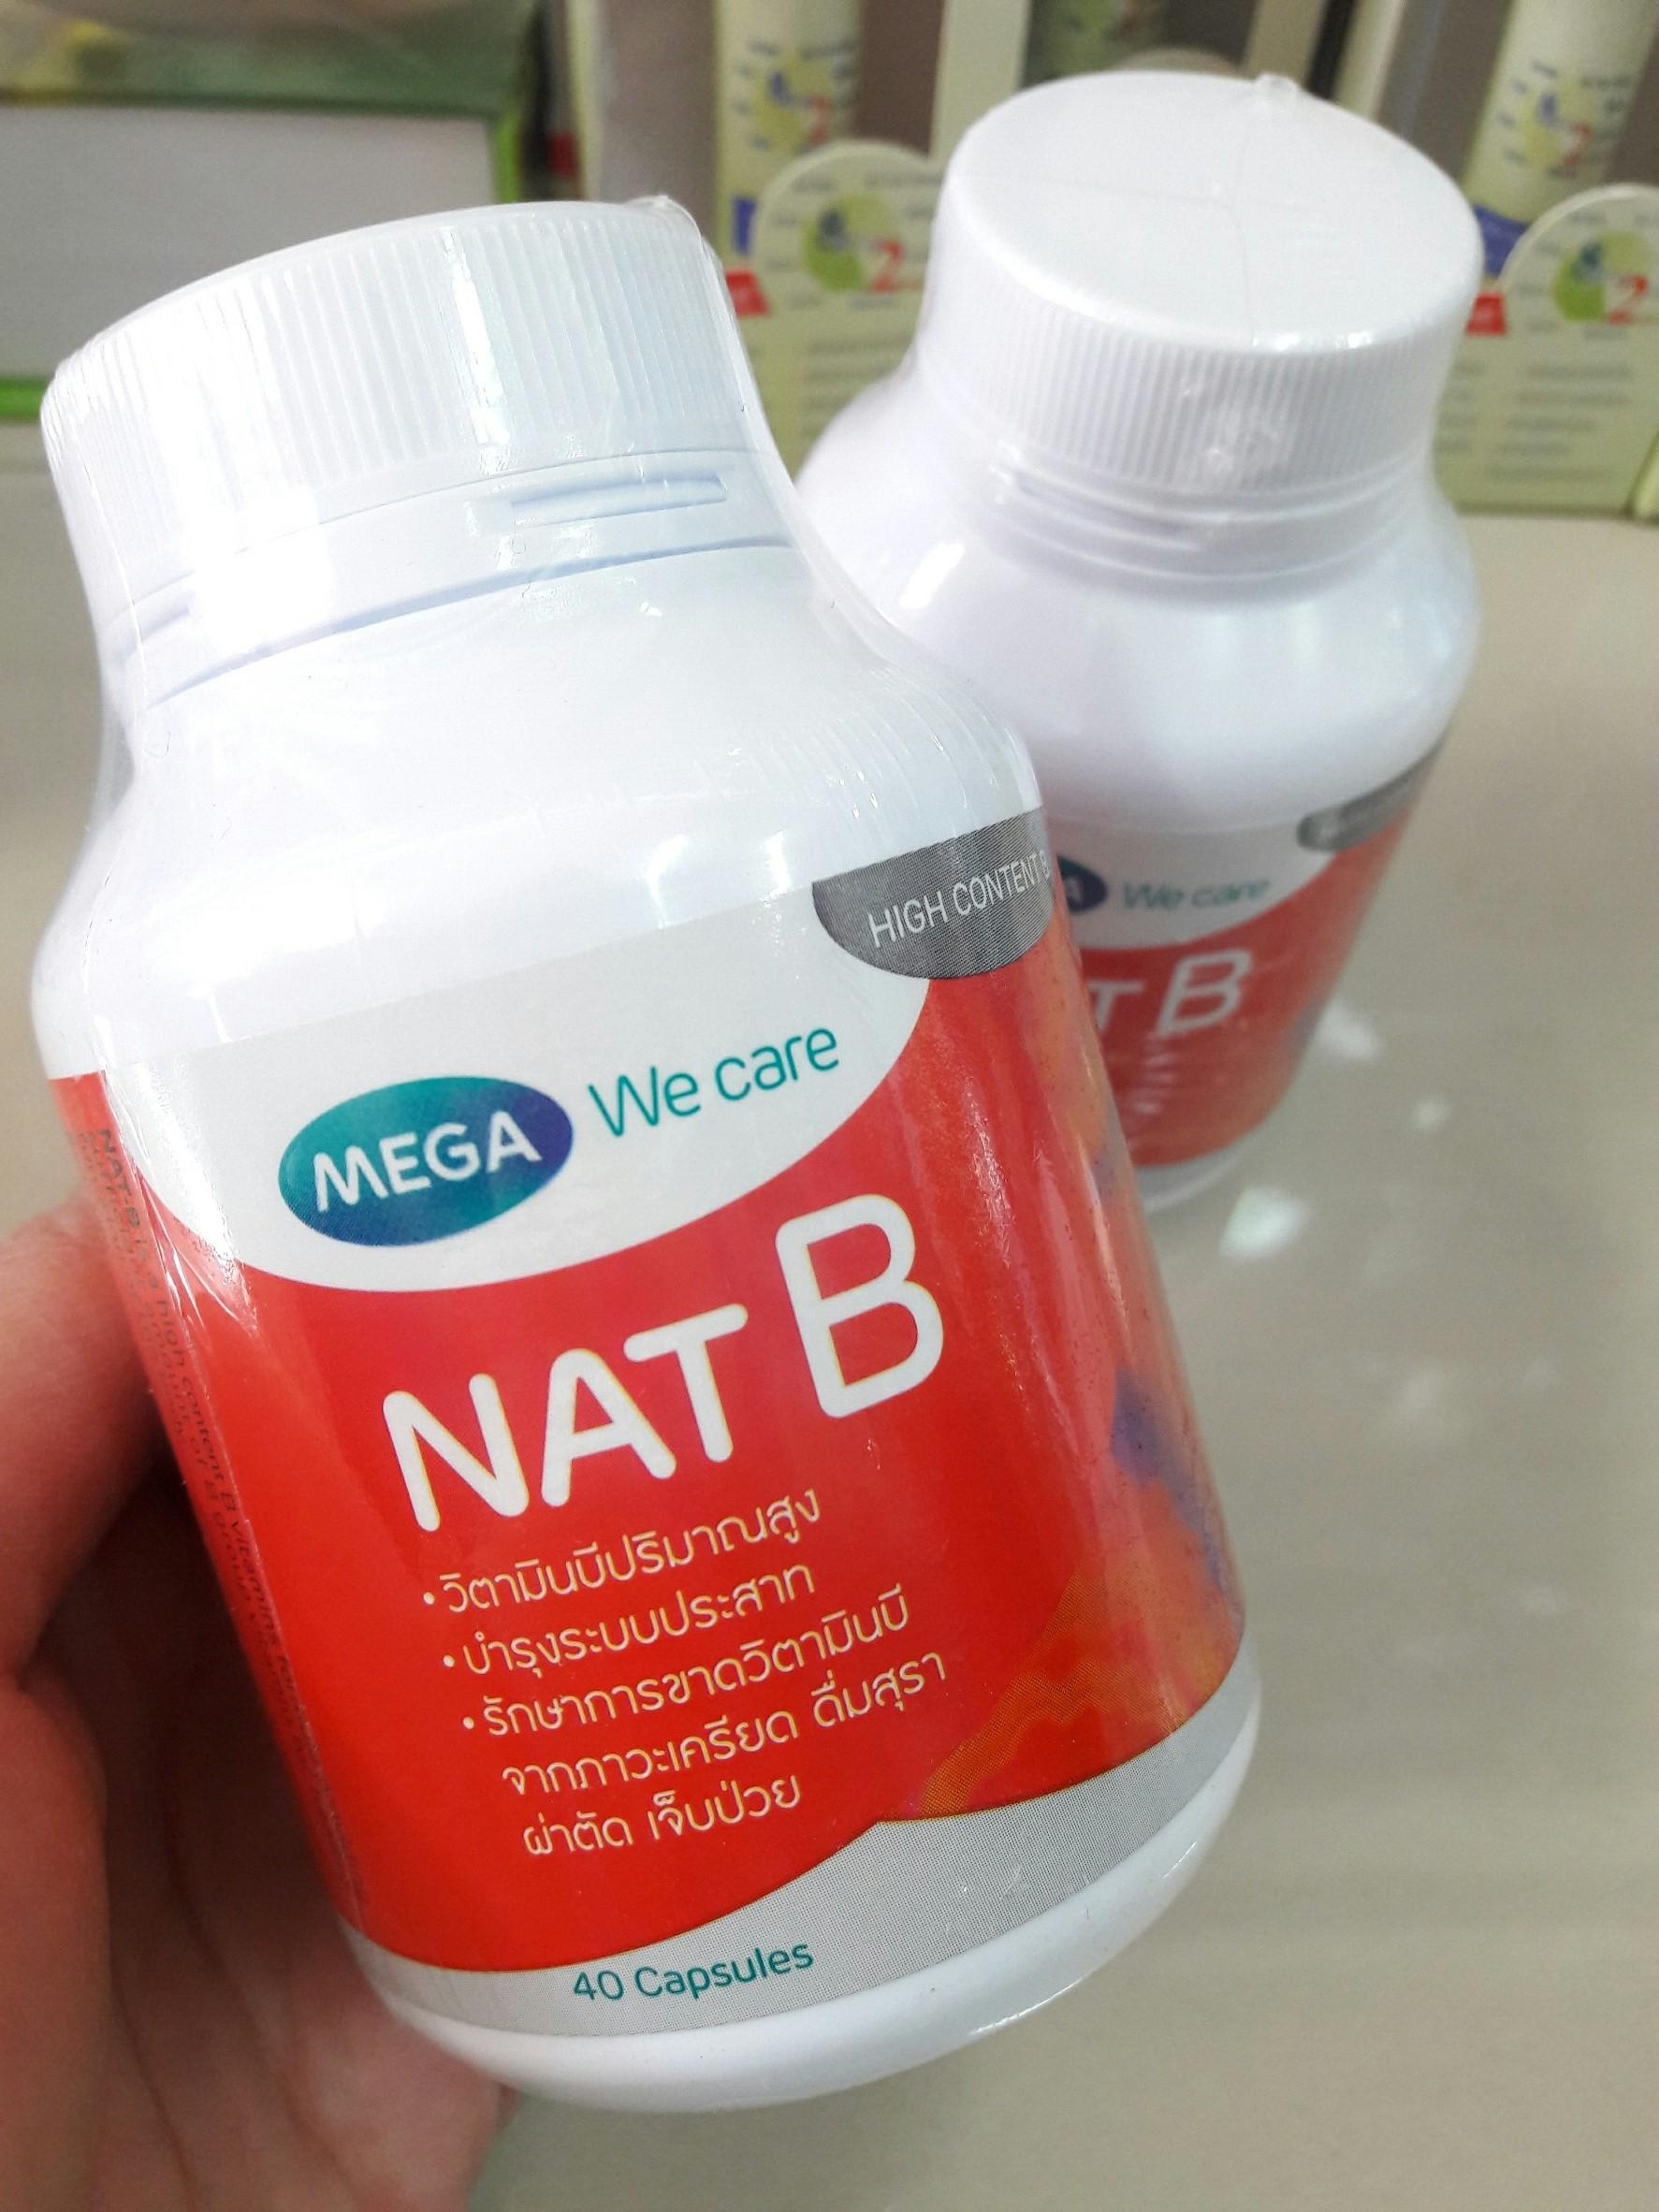 Mega We Care Nat B เมก้า วี แคร์ แนท บี บรรจุ 40 เม็ด